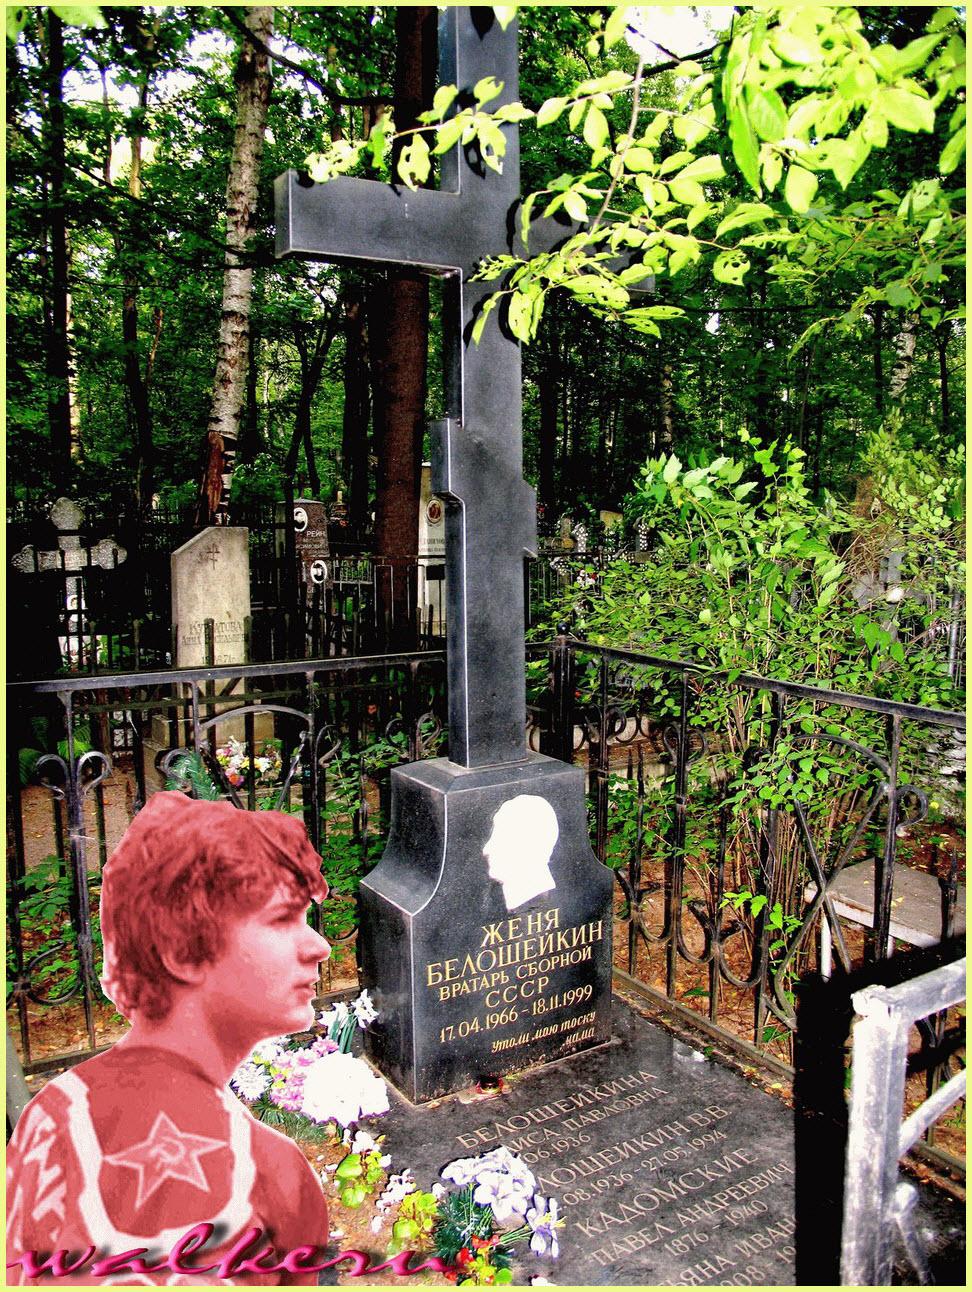 Могила Белошейкин Е.В. на Богословском кладбище